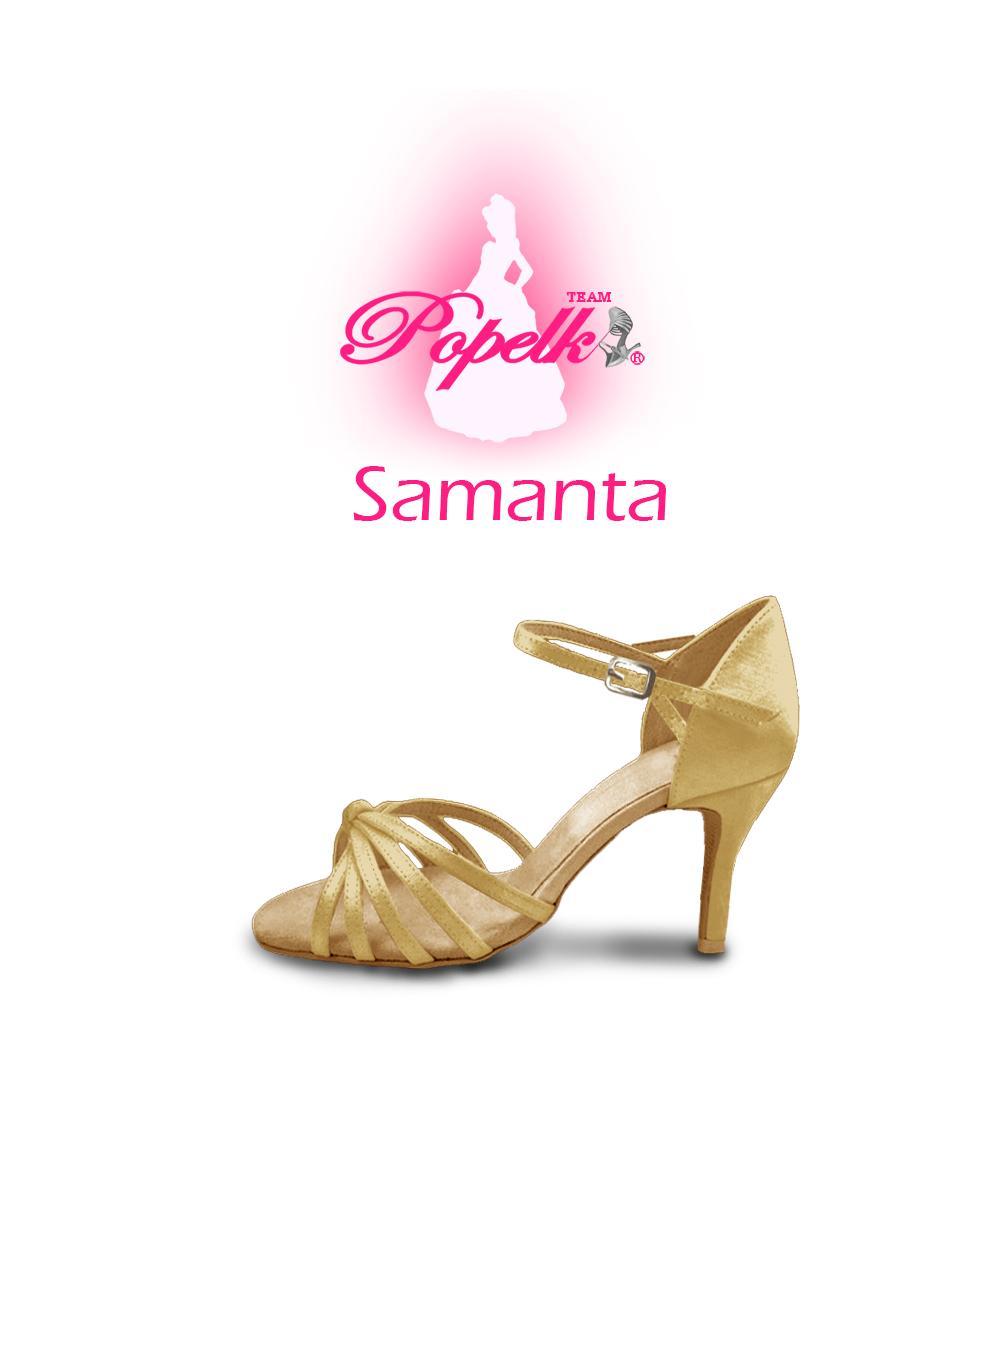 Svadobné topánky navrhni a uprav si ich podľa seba - inšpirácie zlatá - Obrázok č. 73